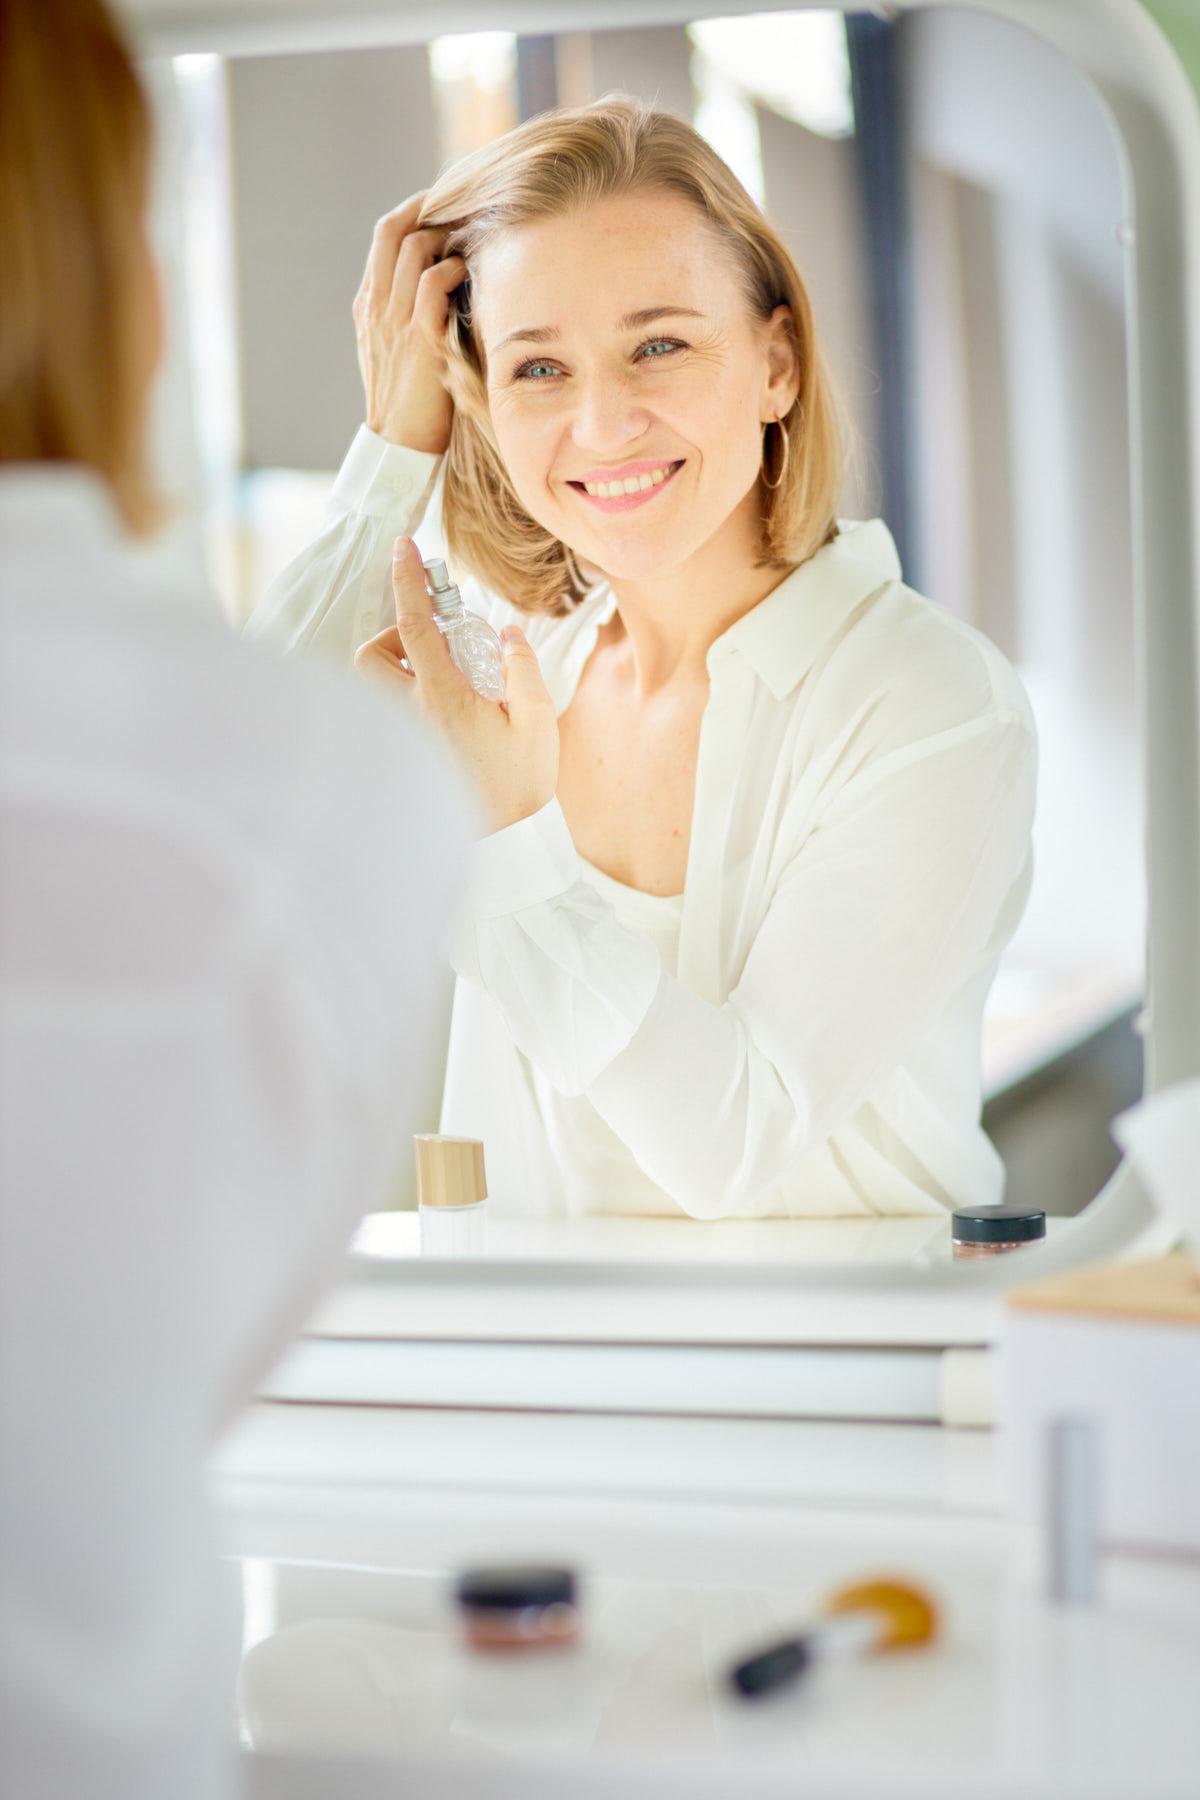 Dating-Foto einer jungen, blonden Frau in weißer Bluse, die sich vor einem Schminckspielgel mit Parfüm einsprüht